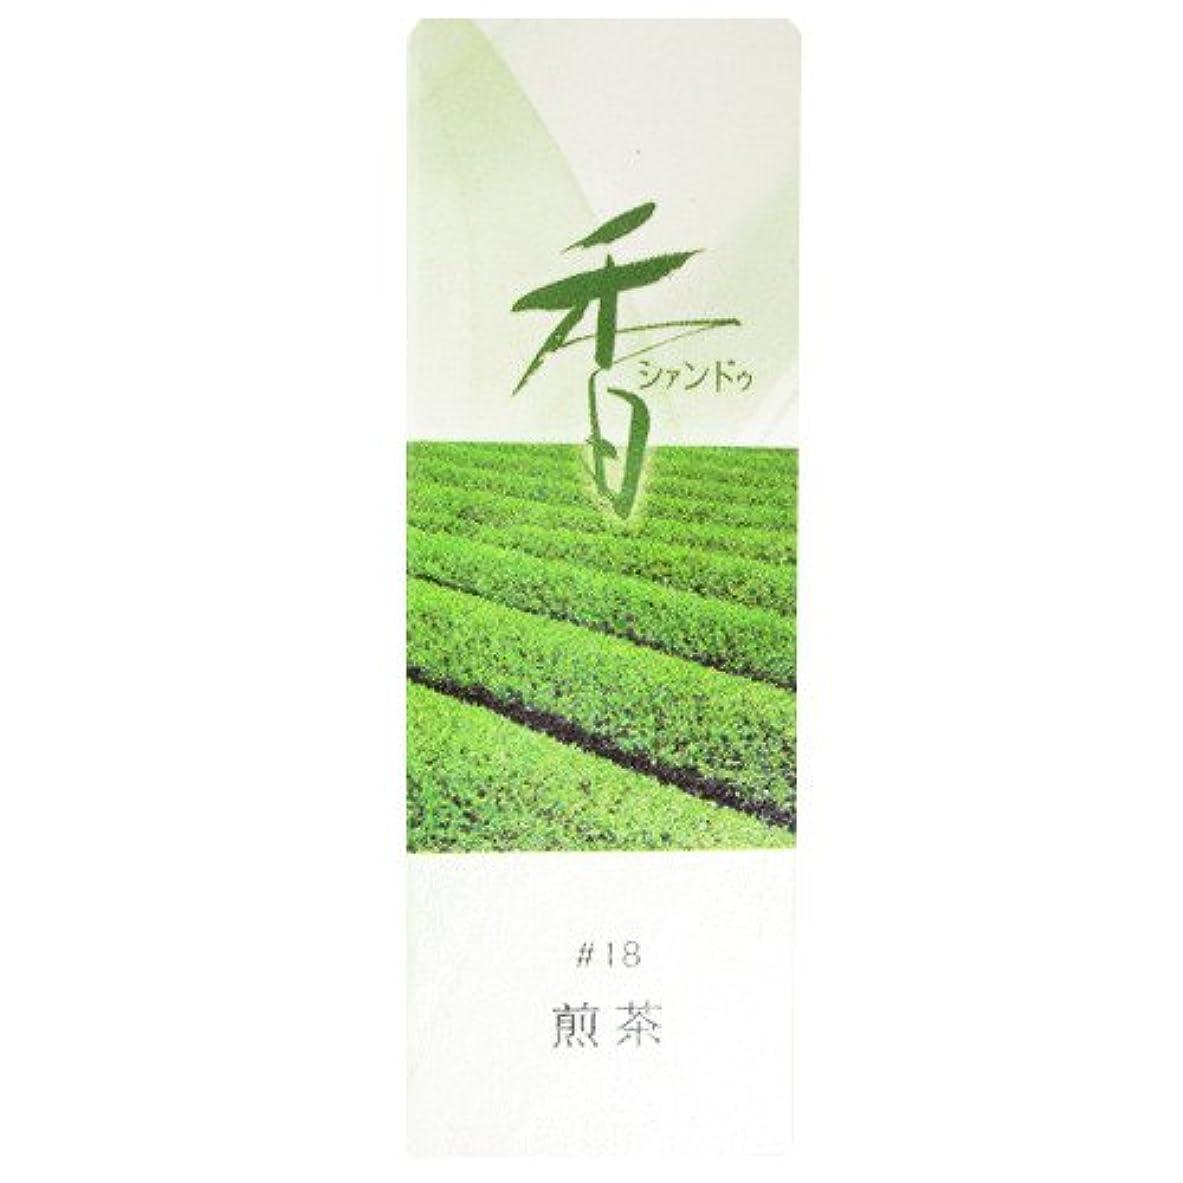 浸透する水星援助松栄堂のお香 Xiang Do(シャンドゥ) 煎茶 ST20本入 簡易香立付 #214218